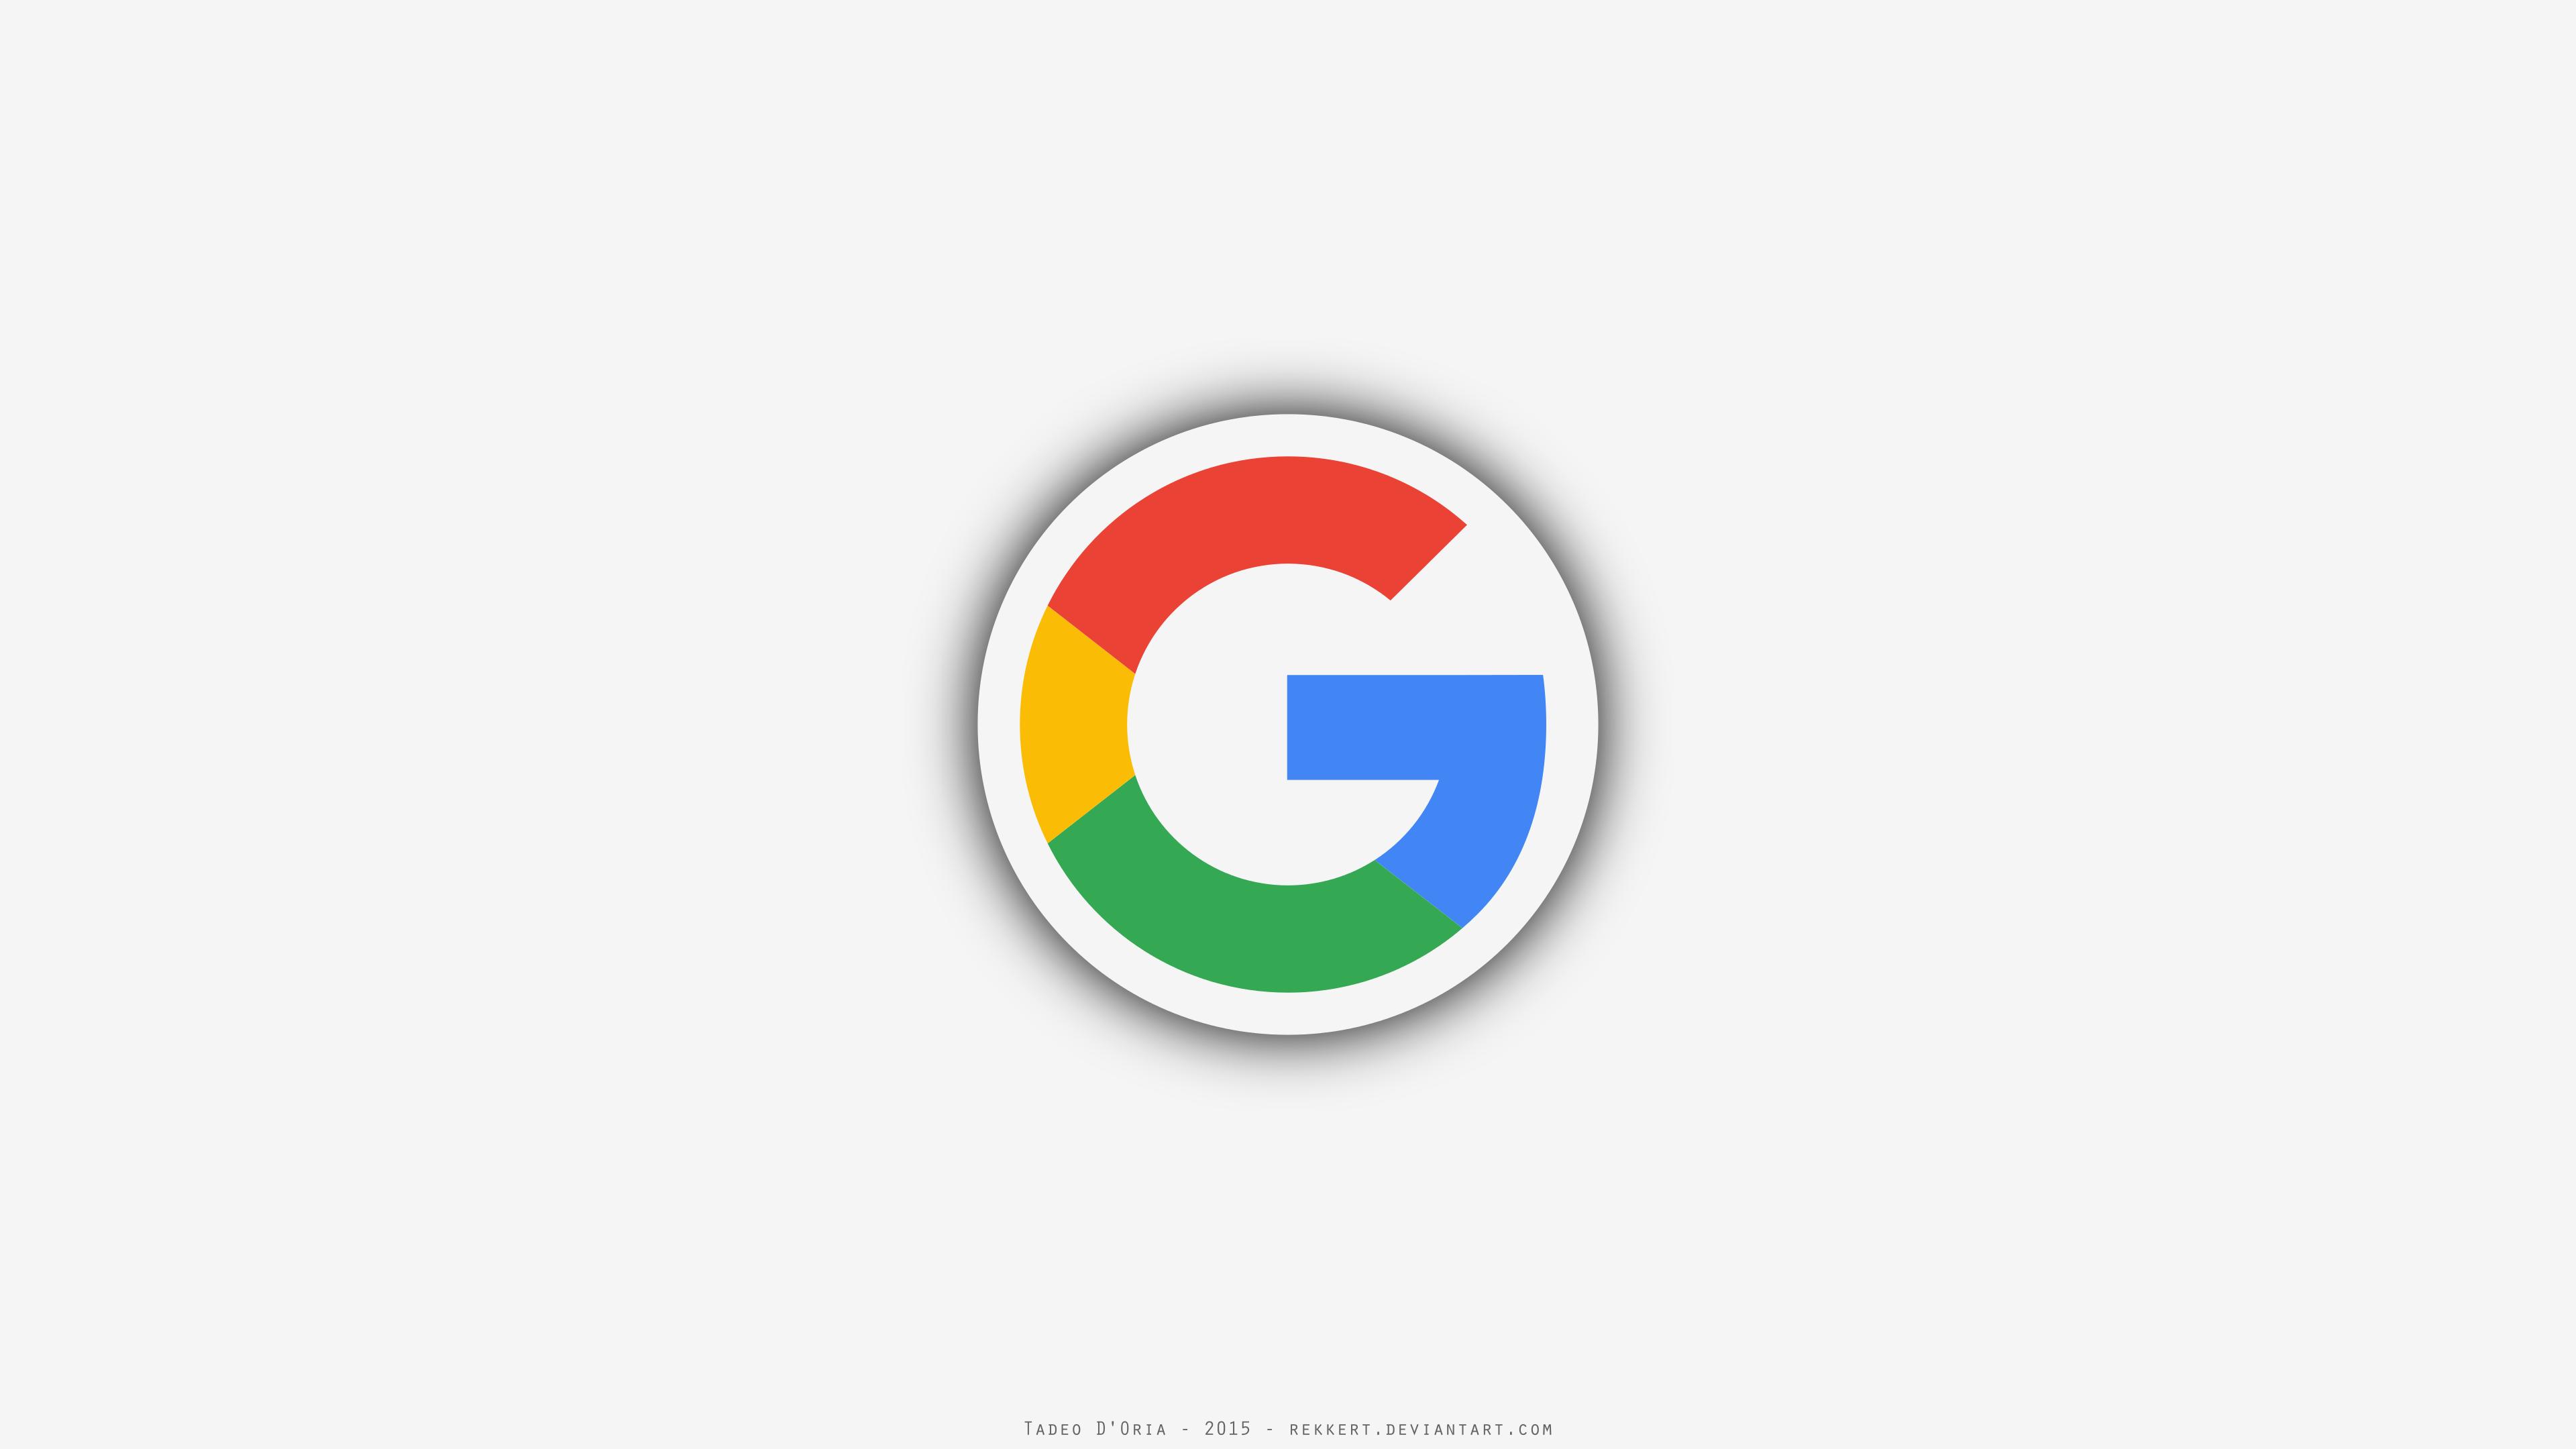 61 Google Wallpaper Desktop On Wallpapersafari